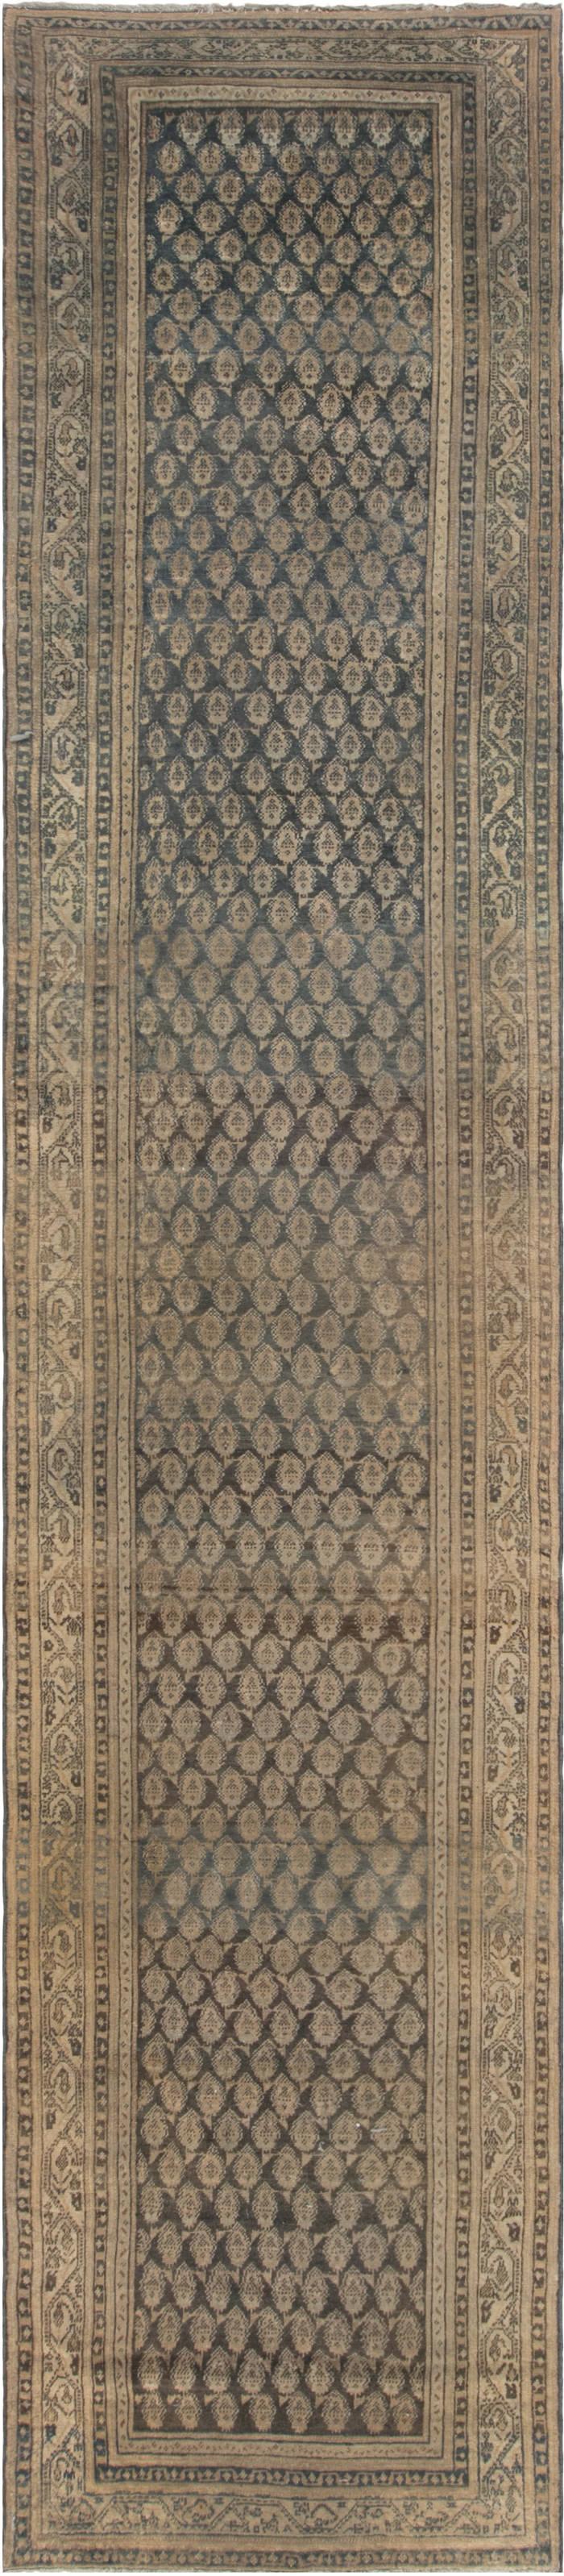 Antique Malayer Runner BB5266